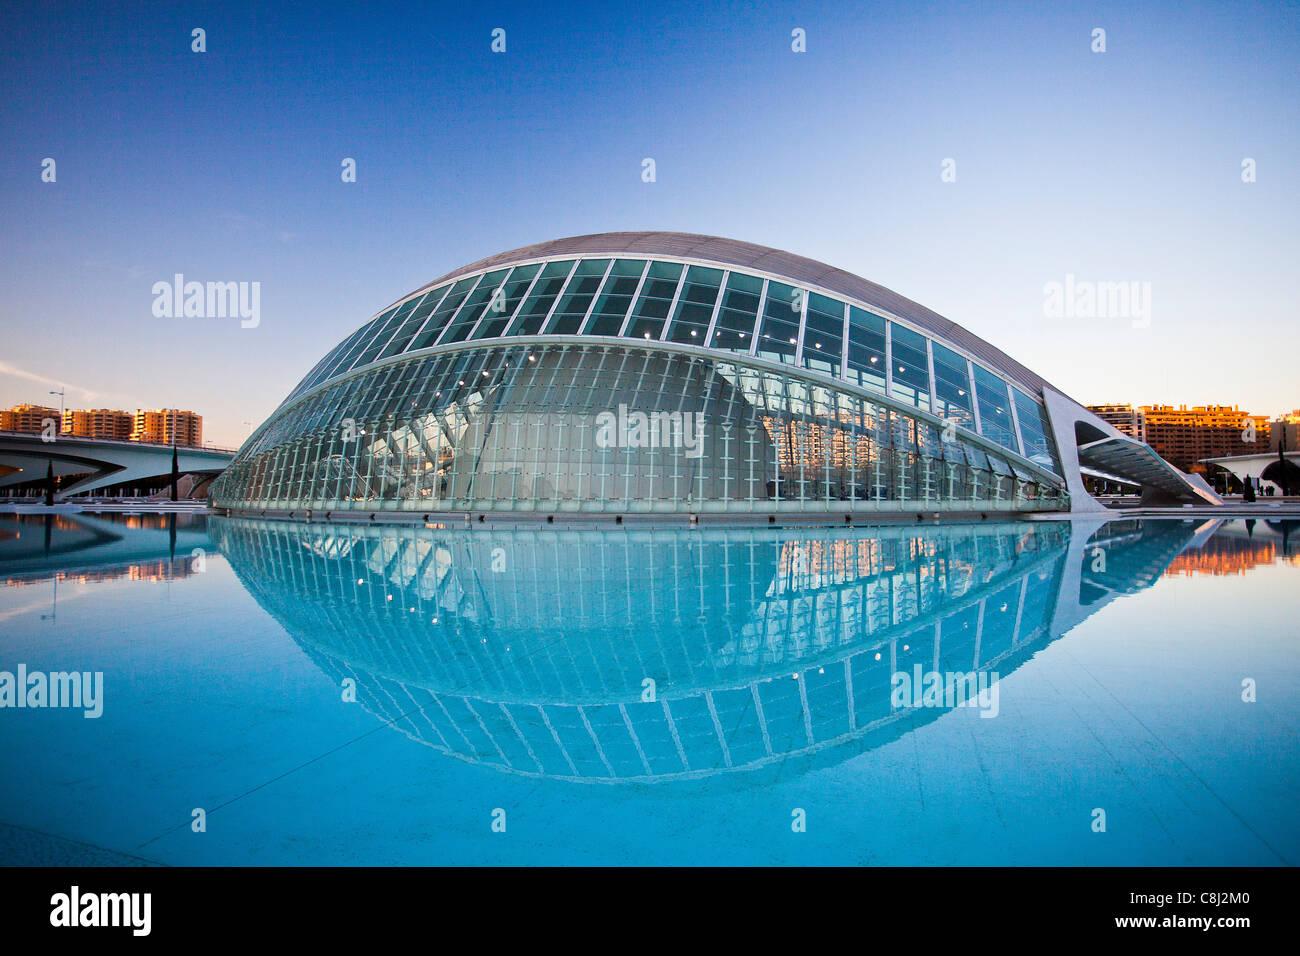 L'Espagne, l'Europe, Valence, Cité des Arts et des sciences, Calatrava, architecture, moderne, l'Hemisferic, Photo Stock